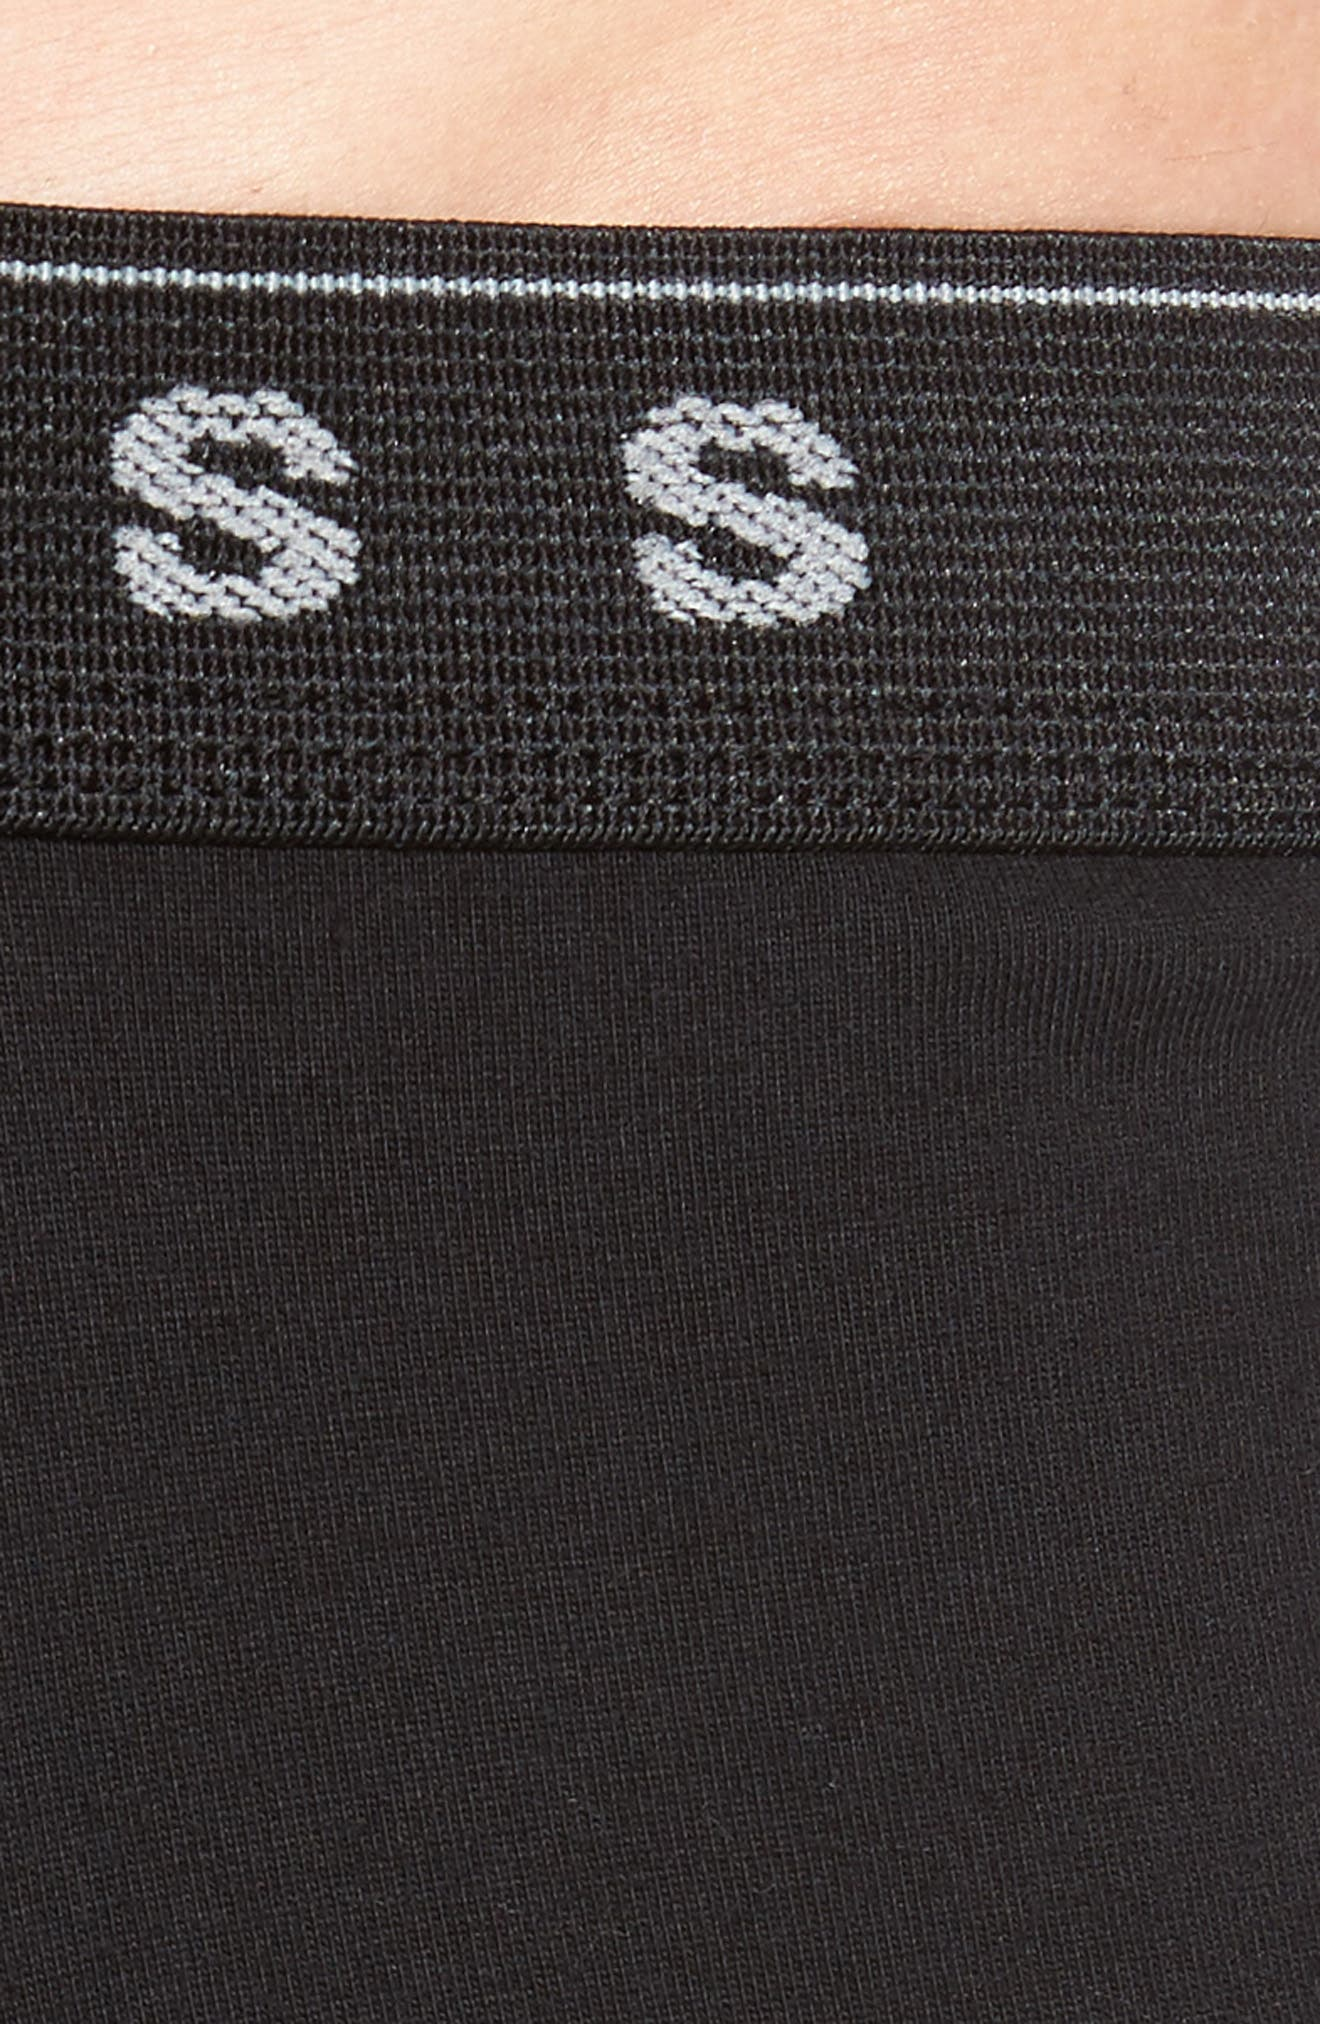 3-Pack Cotton Boxer Briefs,                             Alternate thumbnail 5, color,                             BLACK